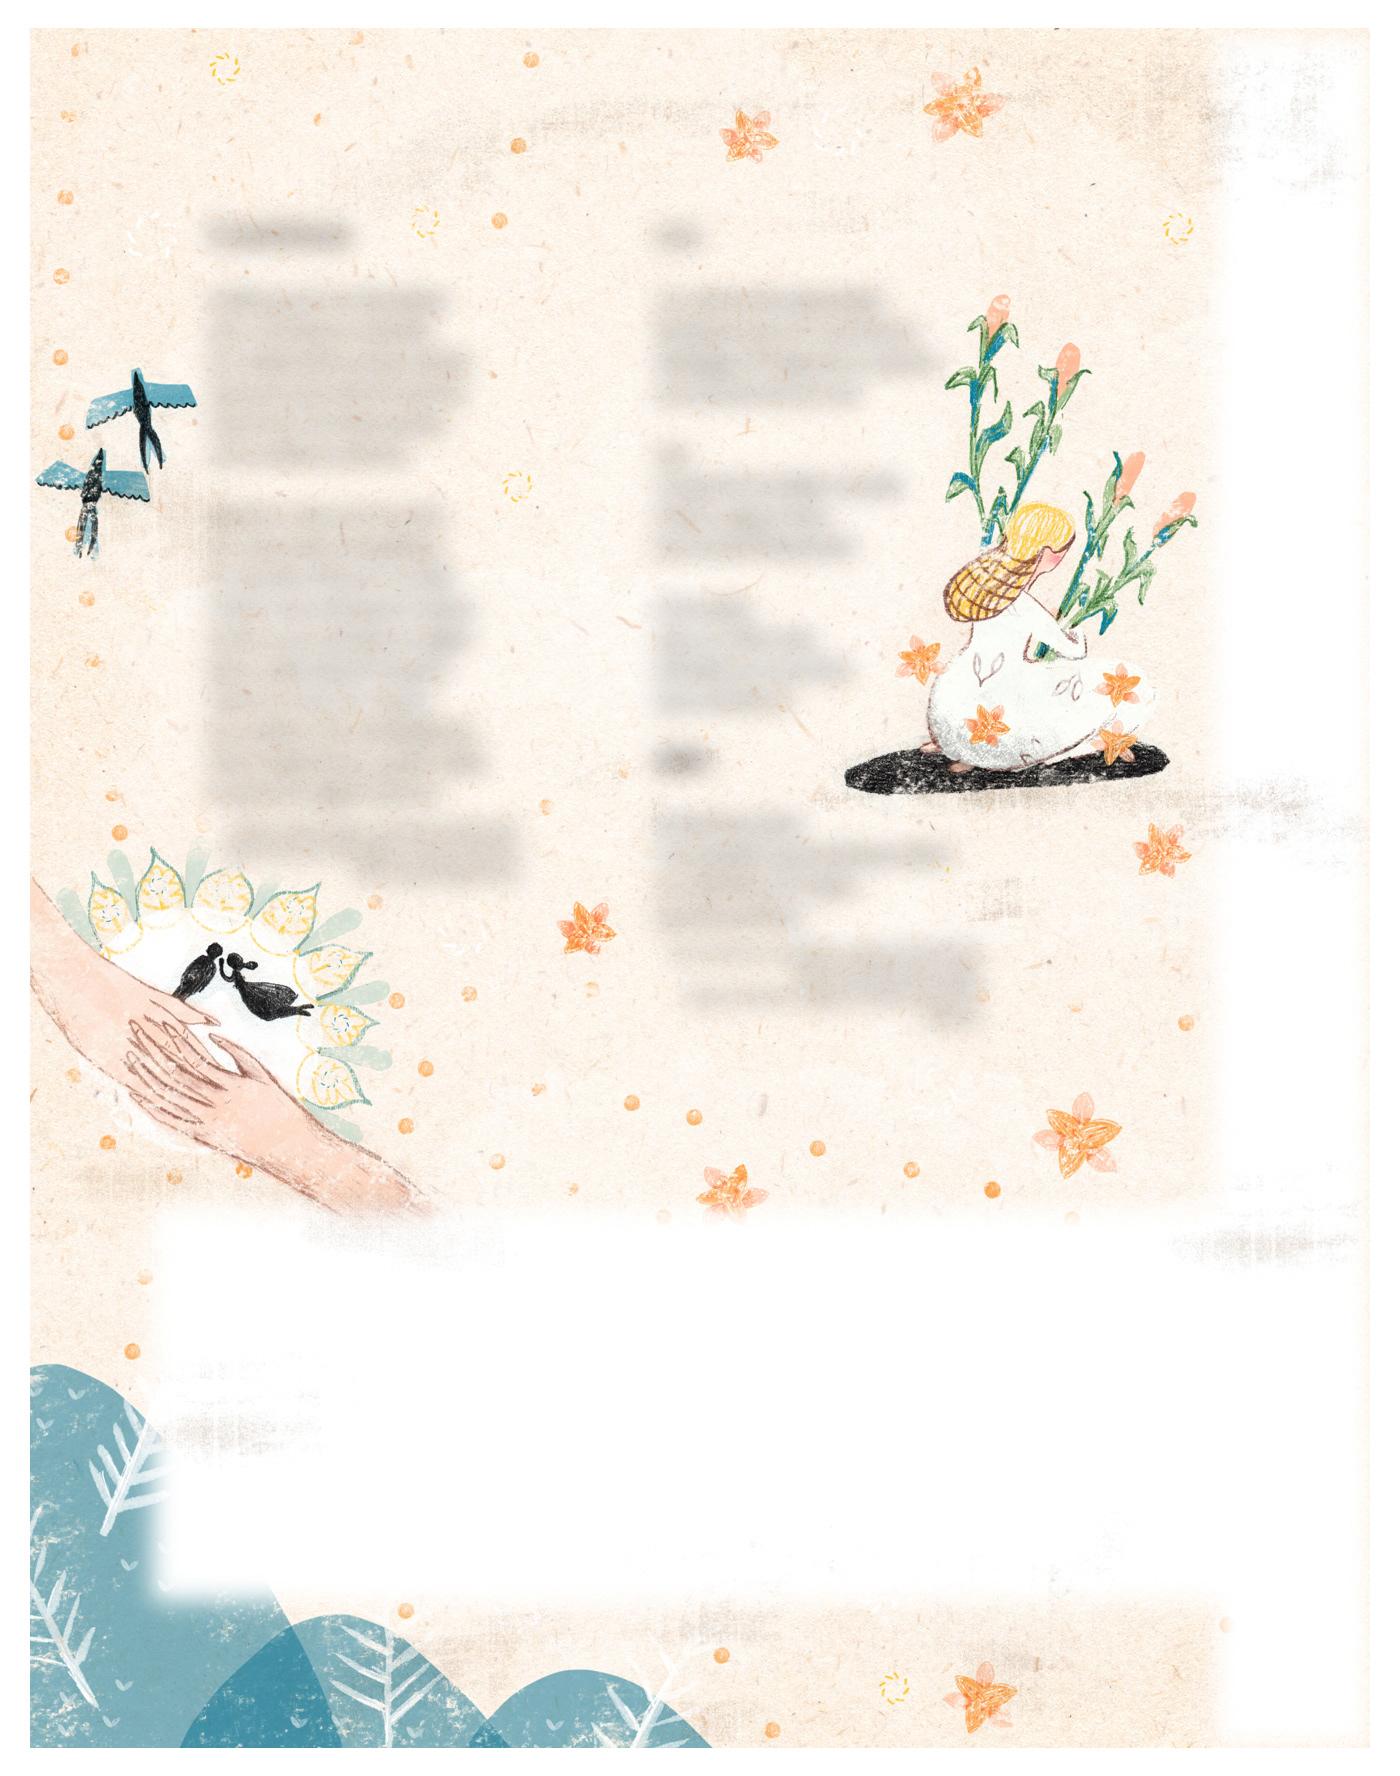 ilustracion ILLUSTRATION  Poetry  poesia digital LIJ ilustración para jóvenes